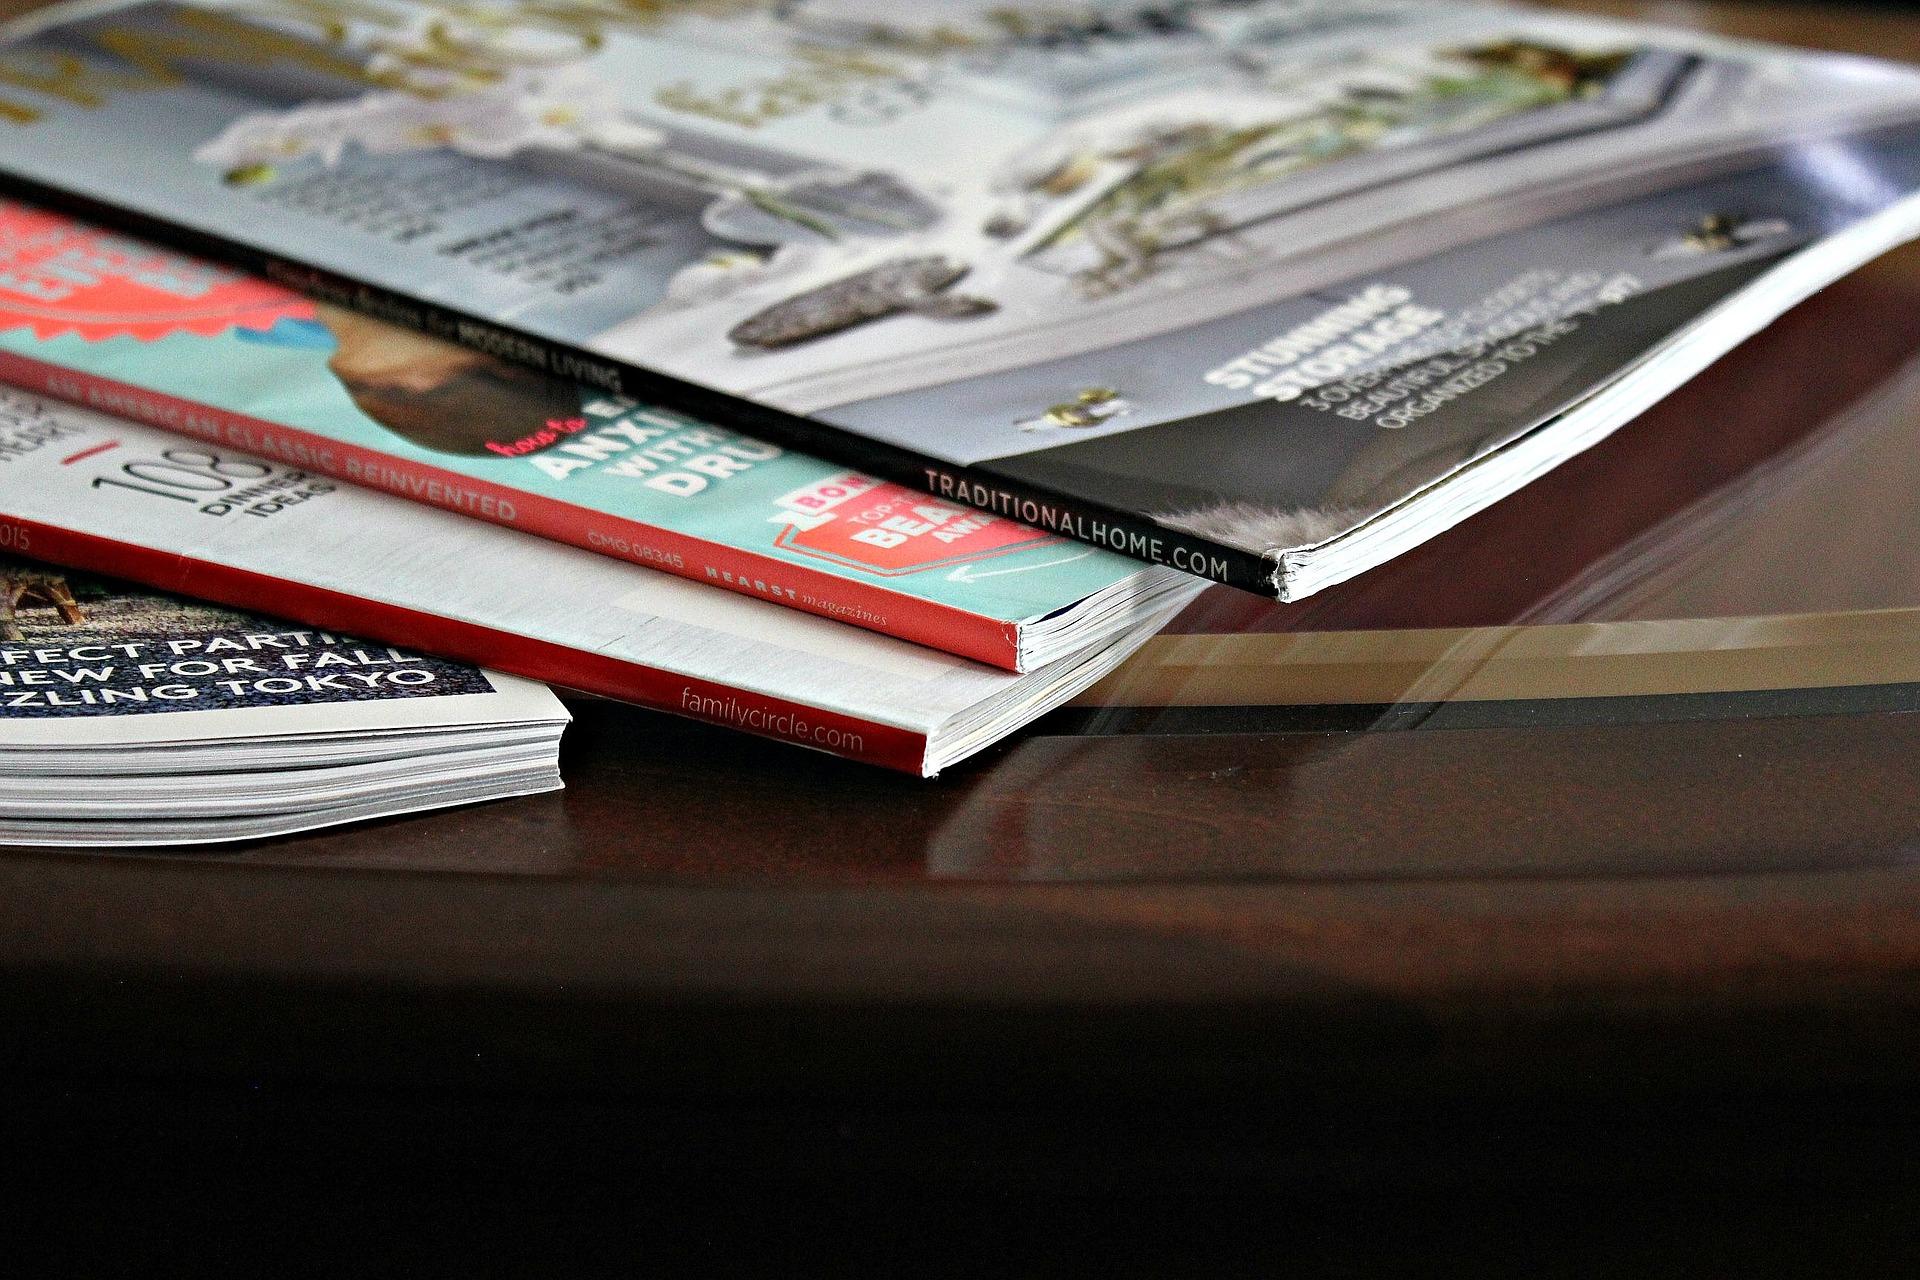 Design f 252 r fingern 228 gel ziehen sie die aufmerksamkeit auf ihre - Design F 252 R Fingern 228 Gel Ziehen Sie Die Aufmerksamkeit Auf Ihre 11